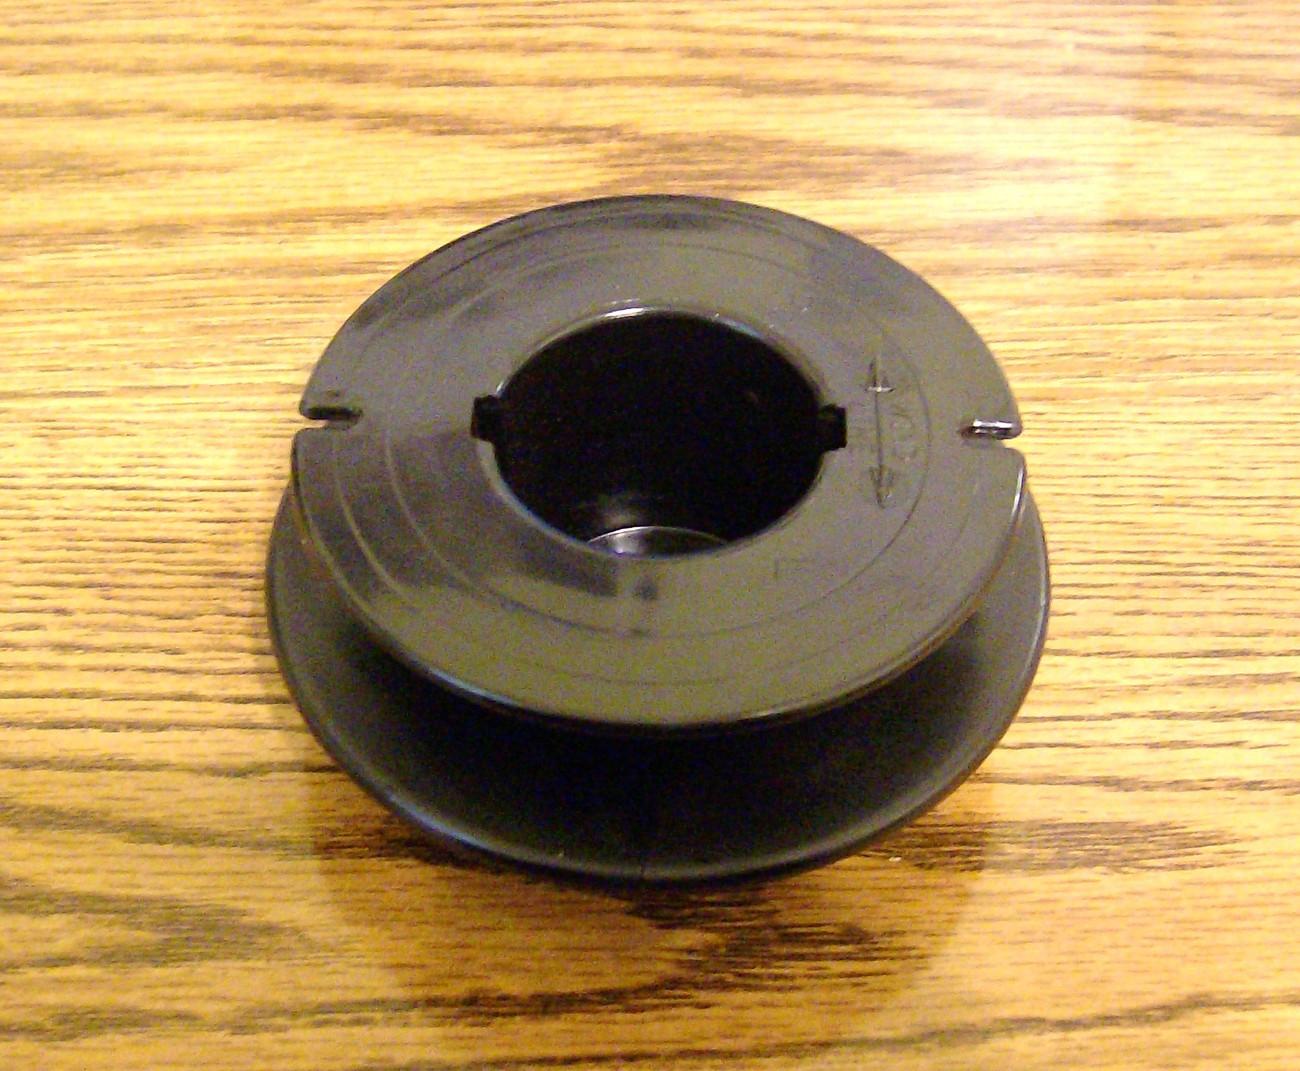 Echo string trimmer bump head knob spool 215607, P022006770 (2 SLOT) Shindiawa